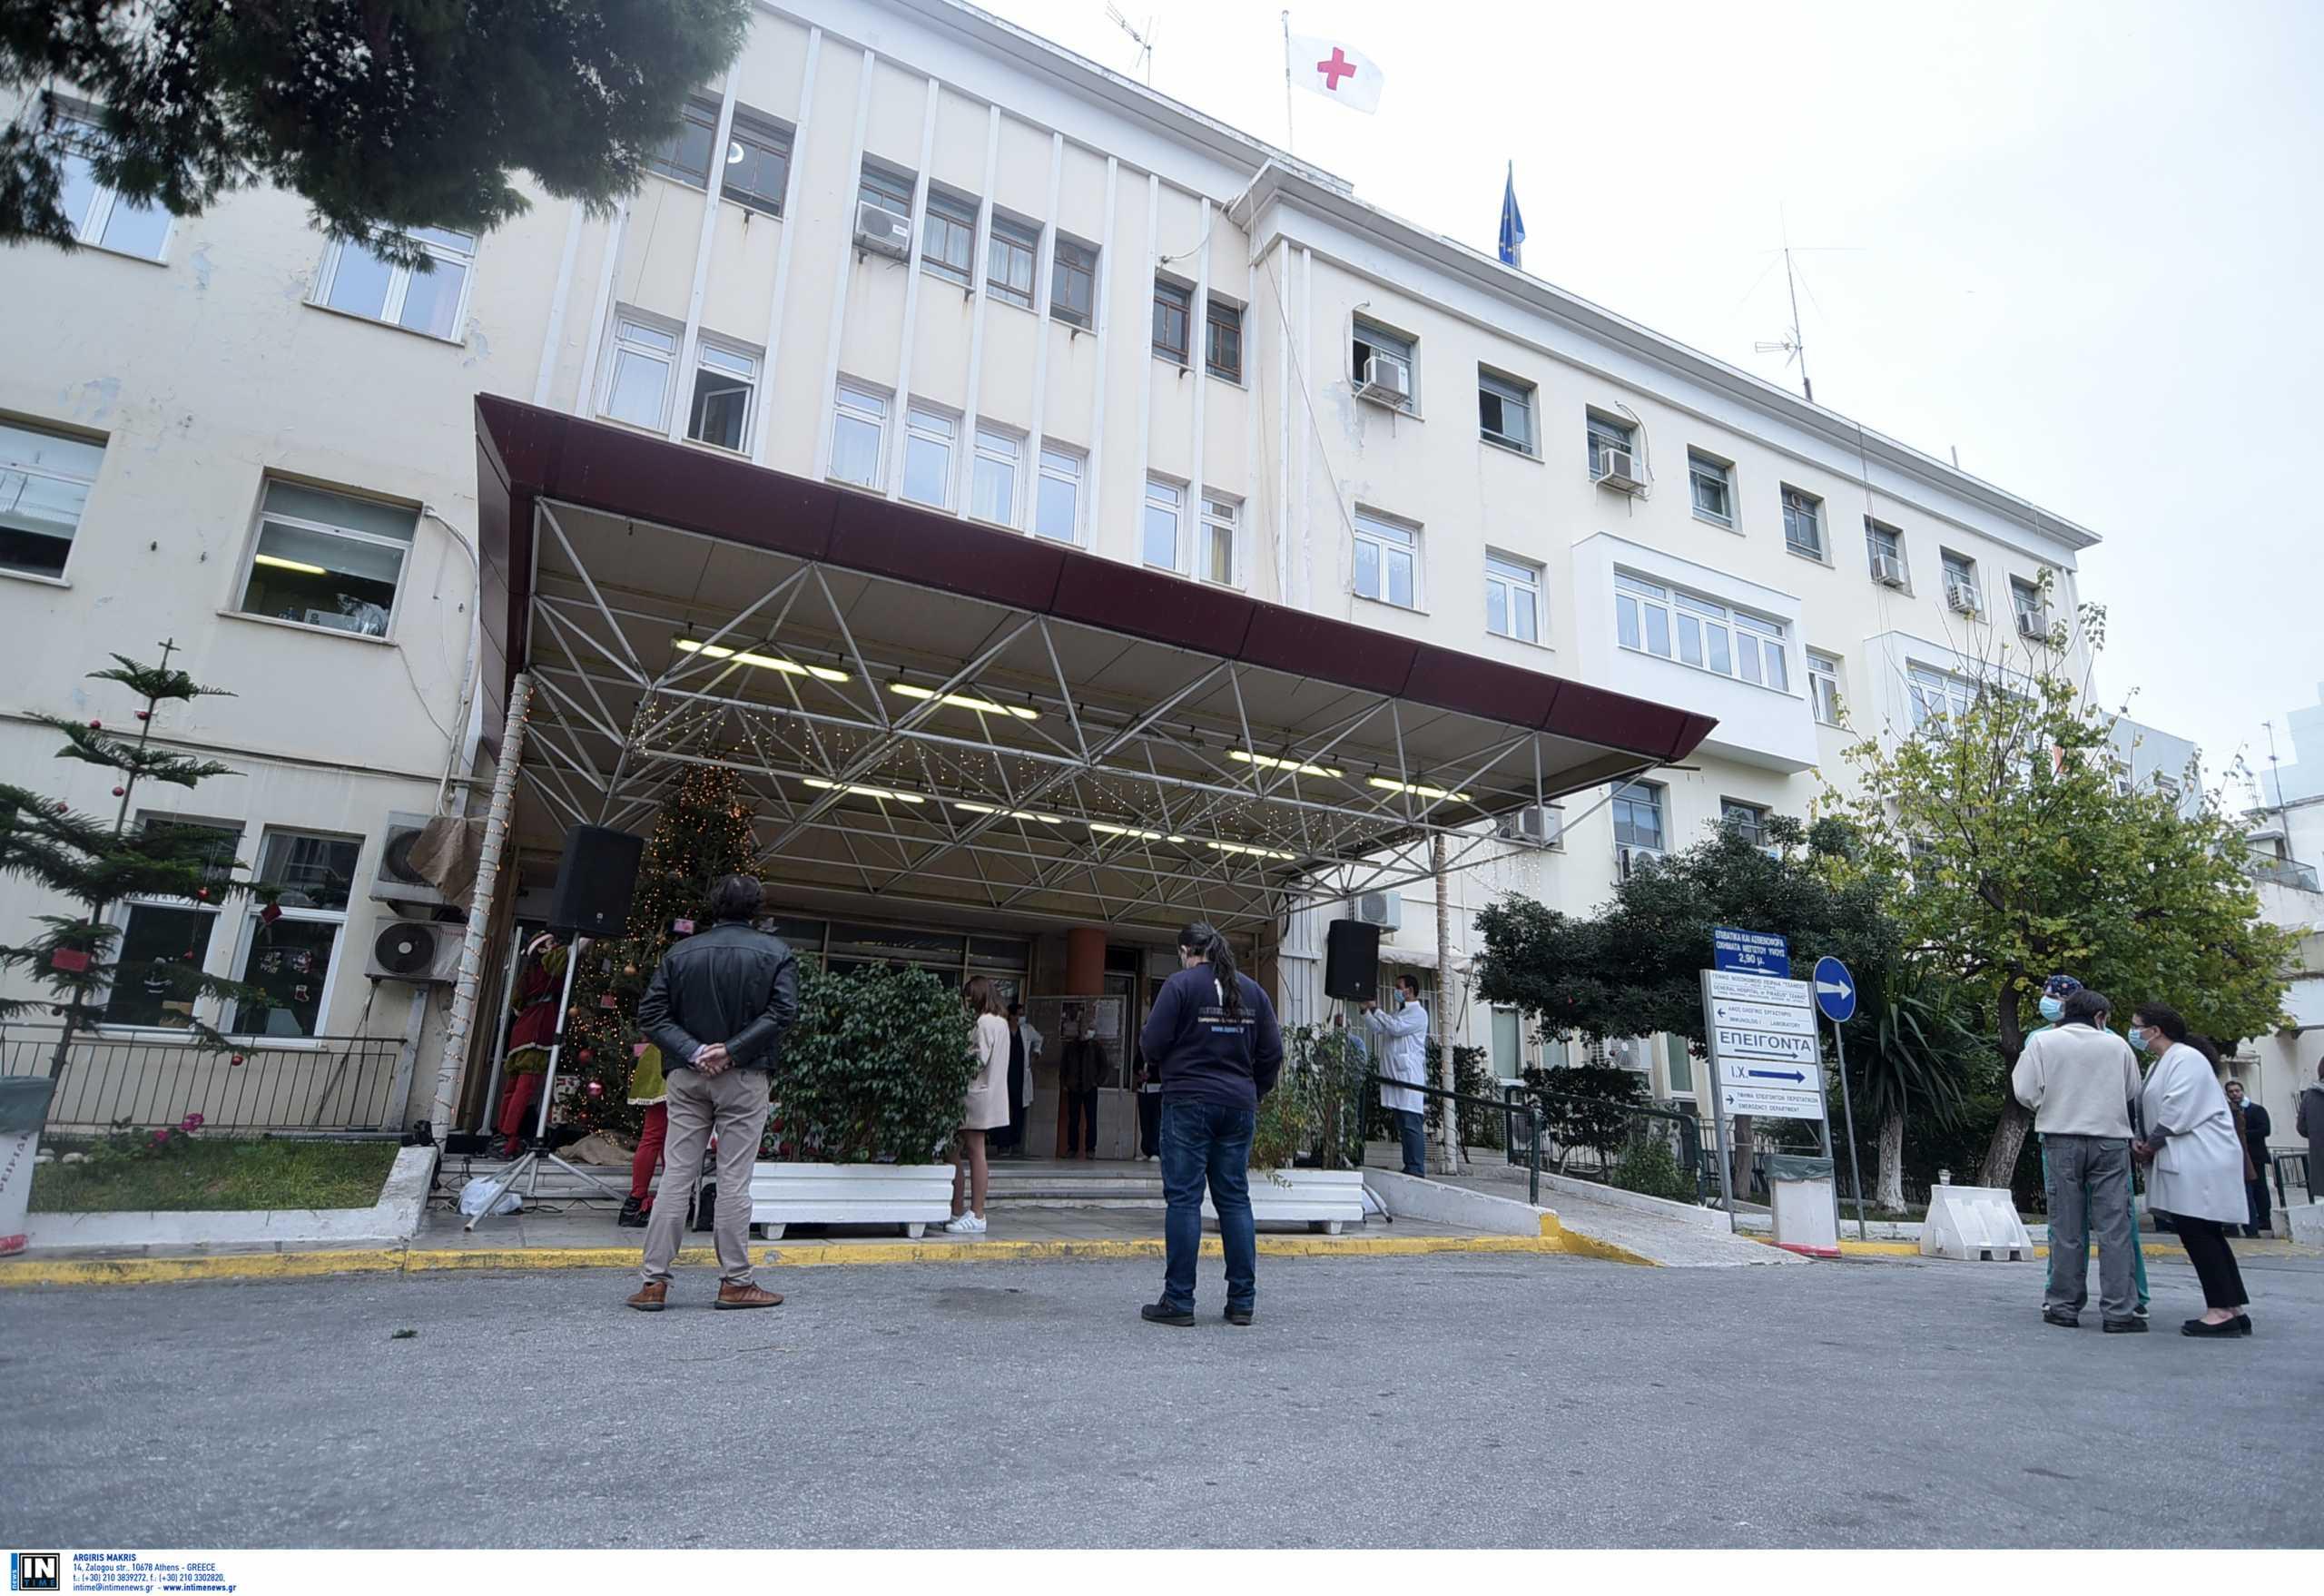 Κορονοϊός: Σε κρίσιμη κατάσταση στο Τζάνειο η 34χρονη από τον Πύργο – Eίχε εμβολιαστεί με το AstraZeneca (vid)